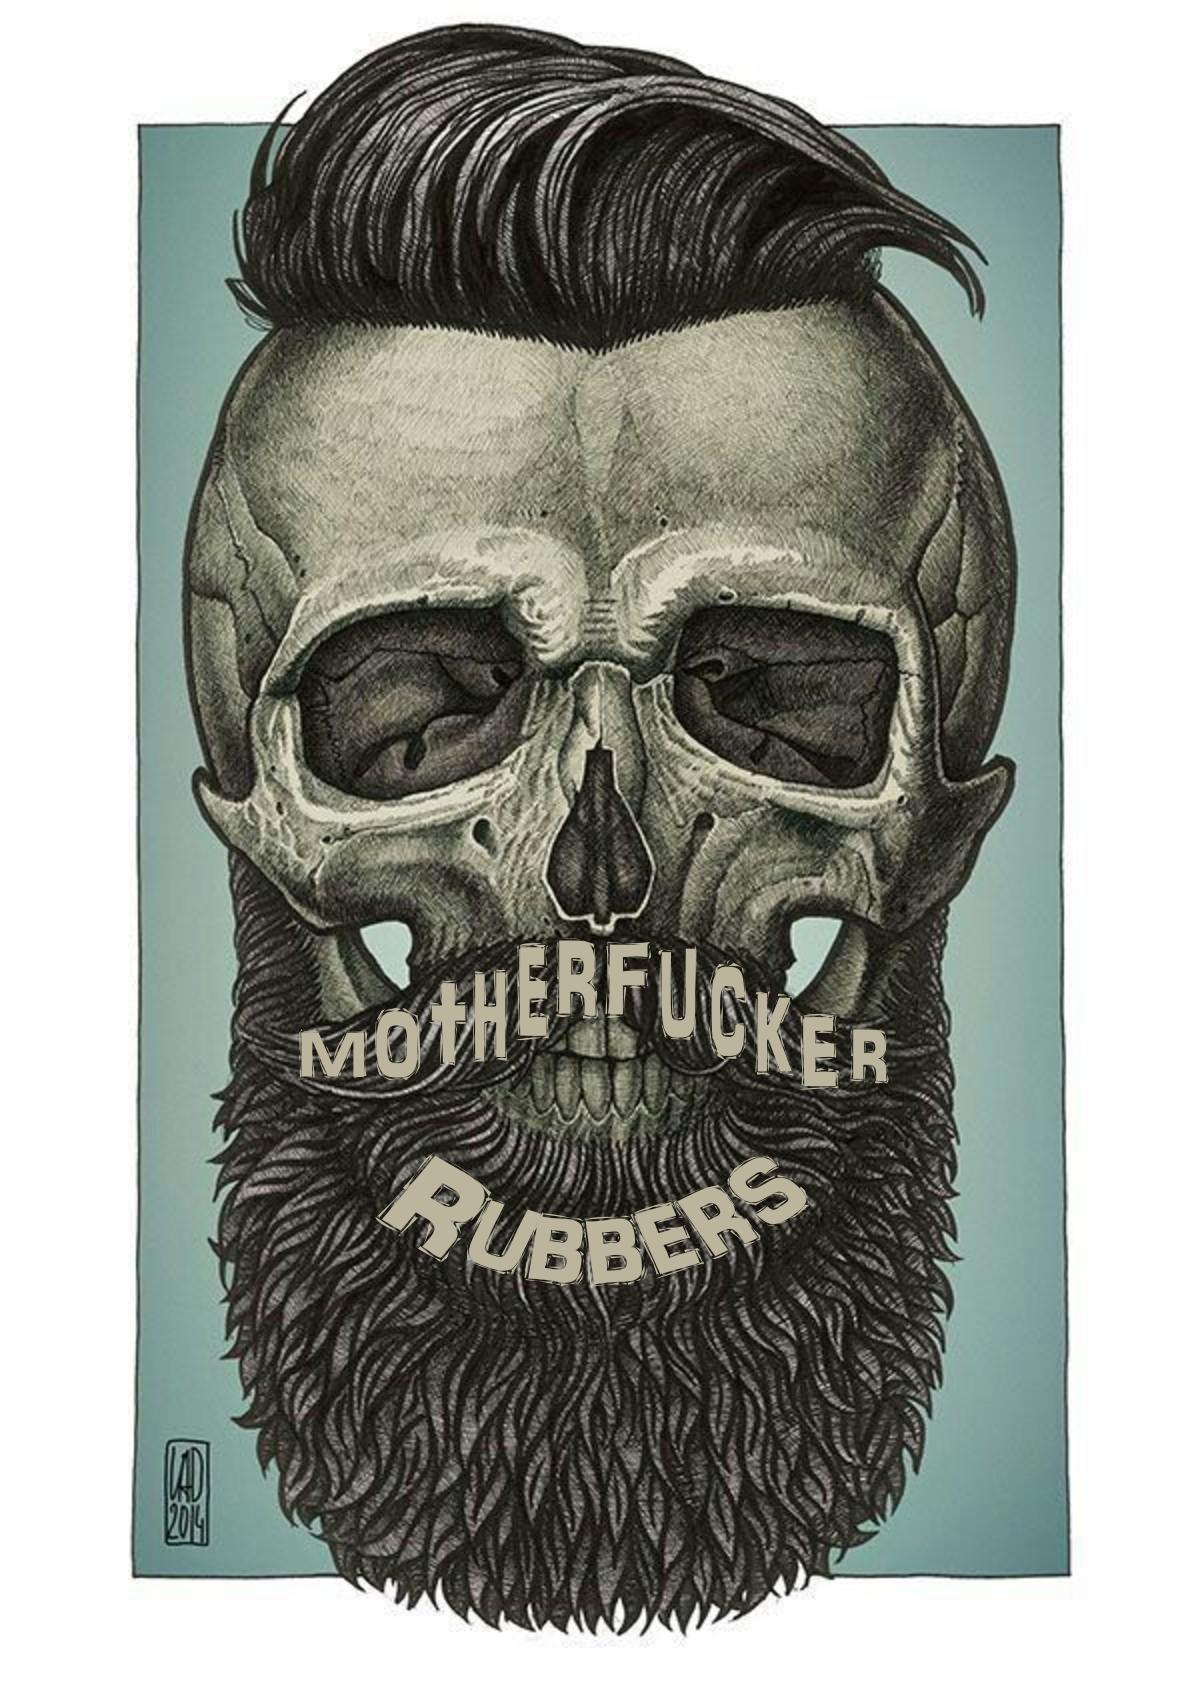 Fear The Beard Moforubberscom #Beardlife #Beardedmen #Beard #Skull #Art #